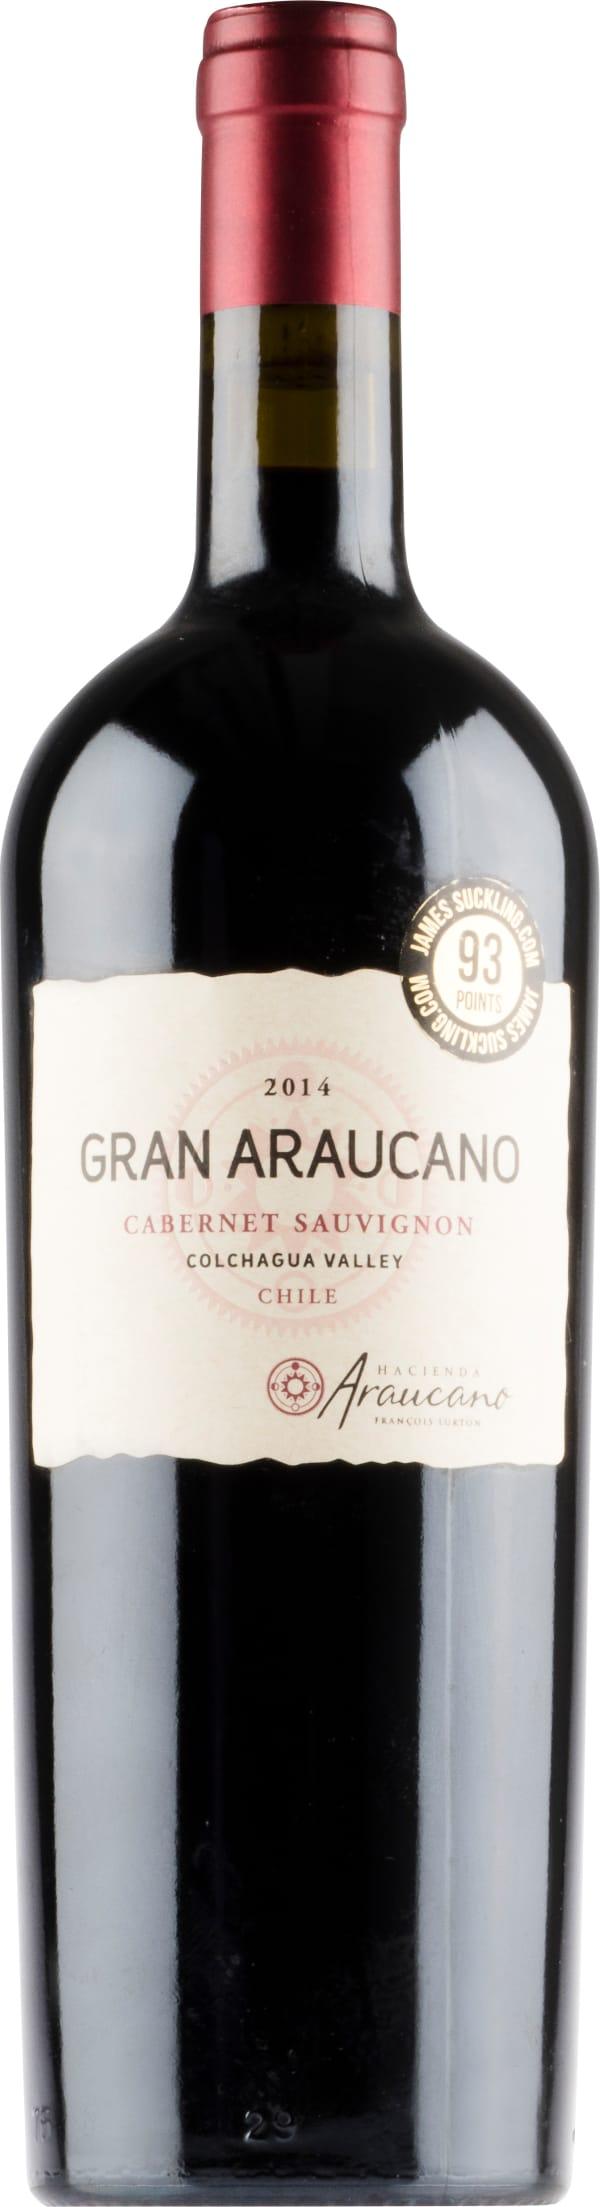 Gran Araucano Cabernet Sauvignon 2014